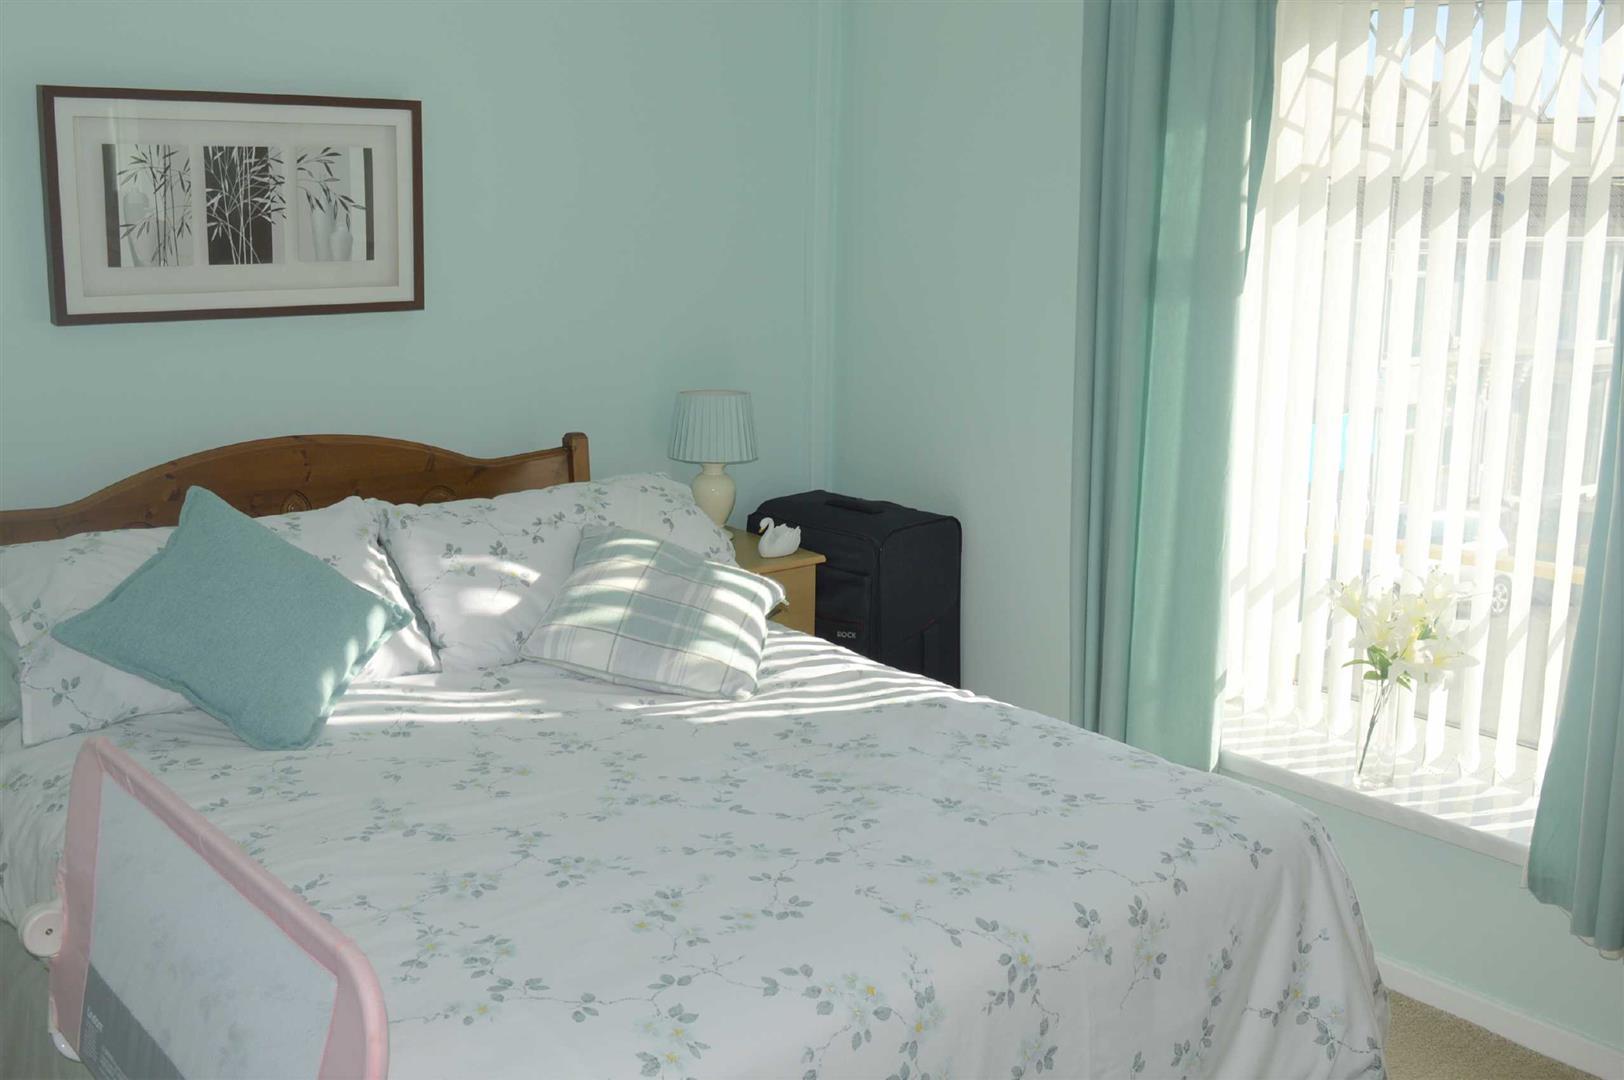 Sylvia Terrace, Brynhyfryd, Swansea, SA5 9JJ